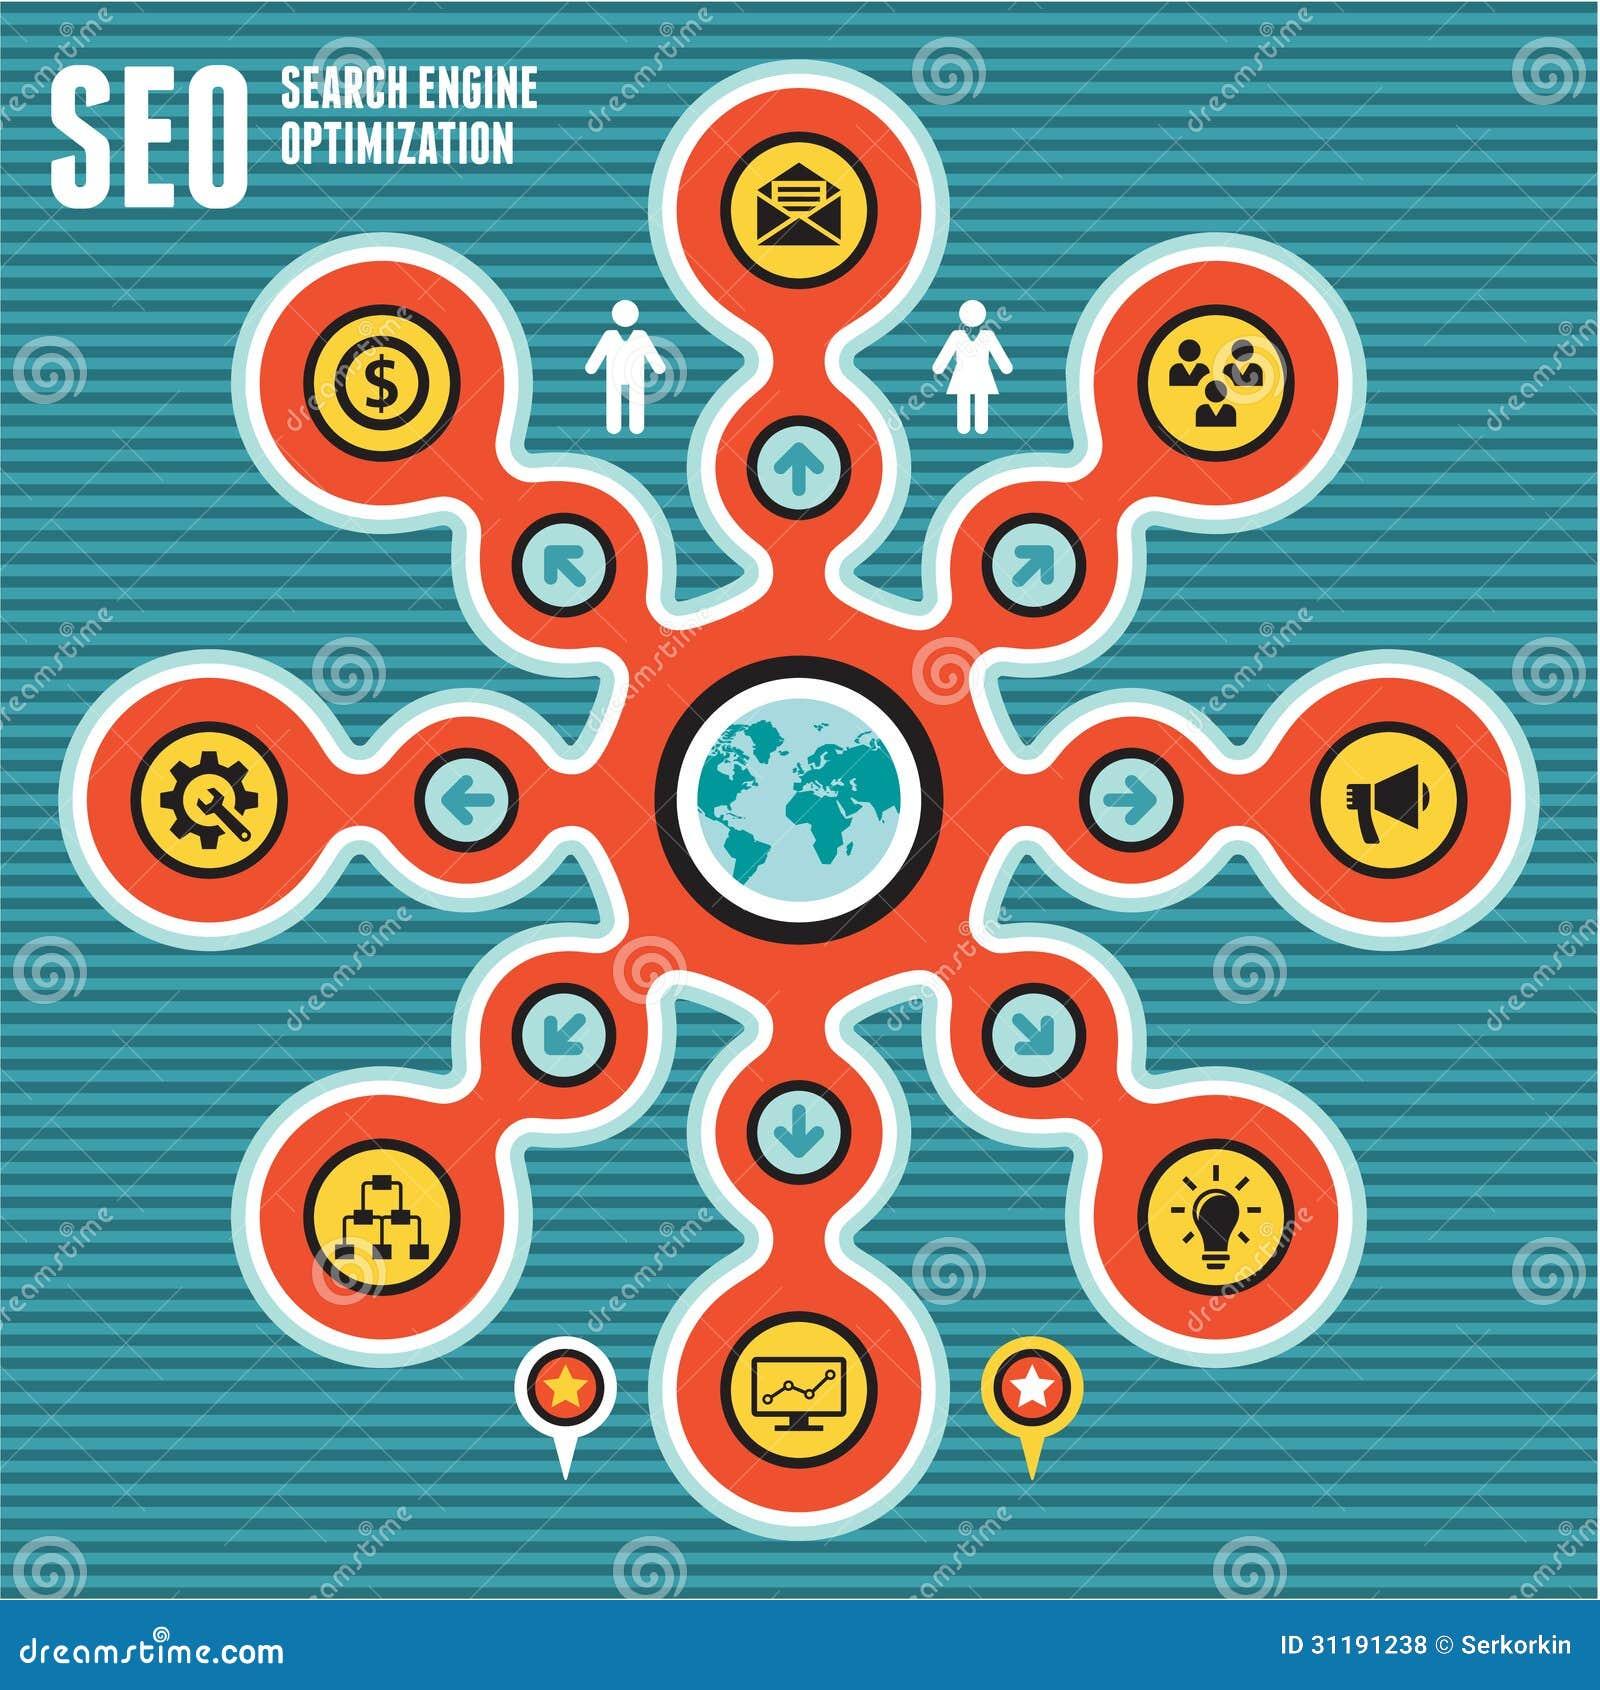 SEO (wyszukiwarka optymalizacja) Infographic pojęcie 02